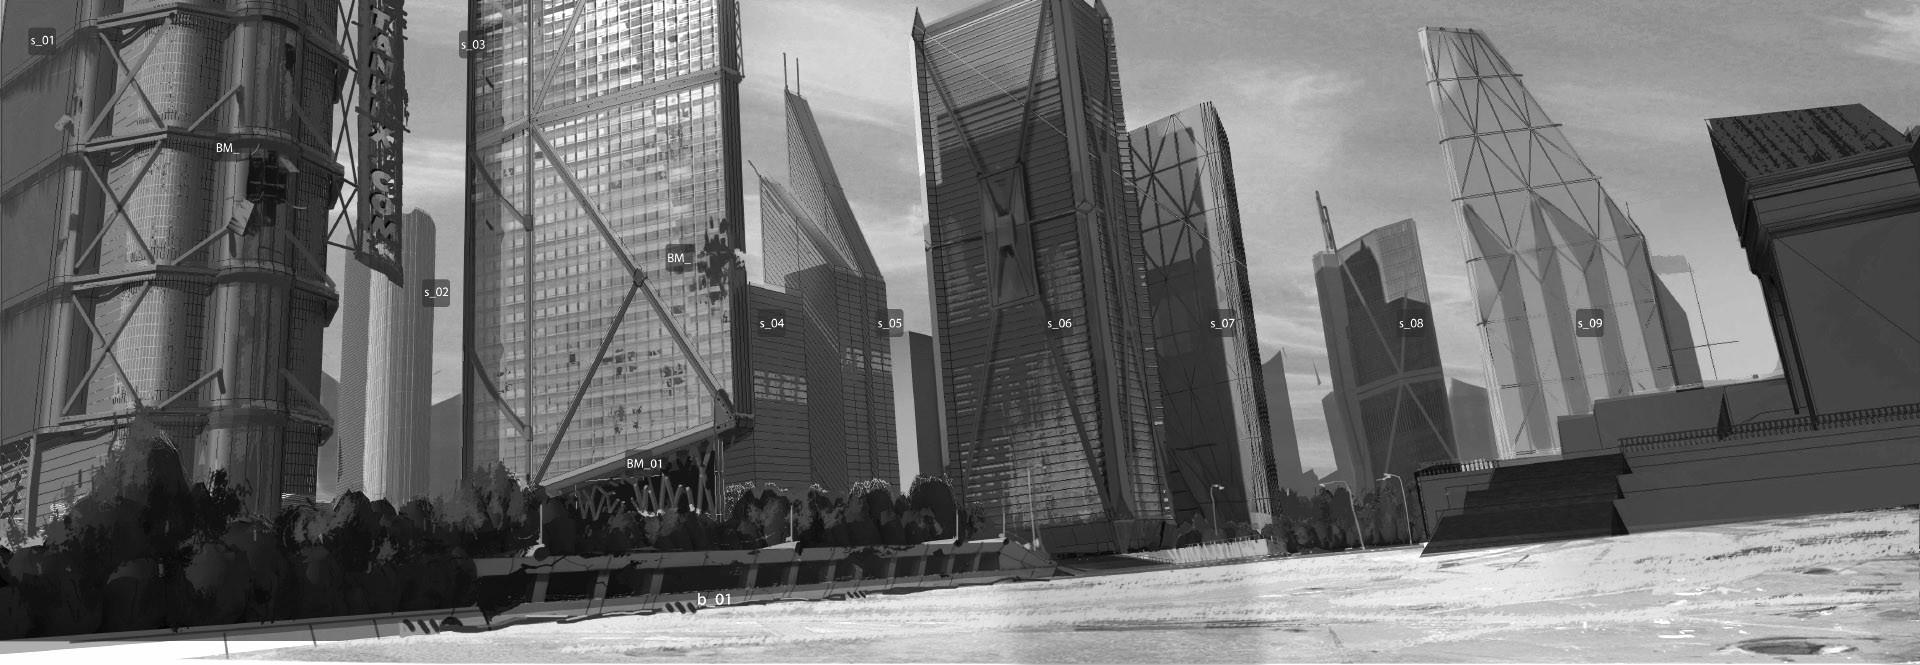 Vilius petrauskas vilius petrauskas okta tanki x buildings